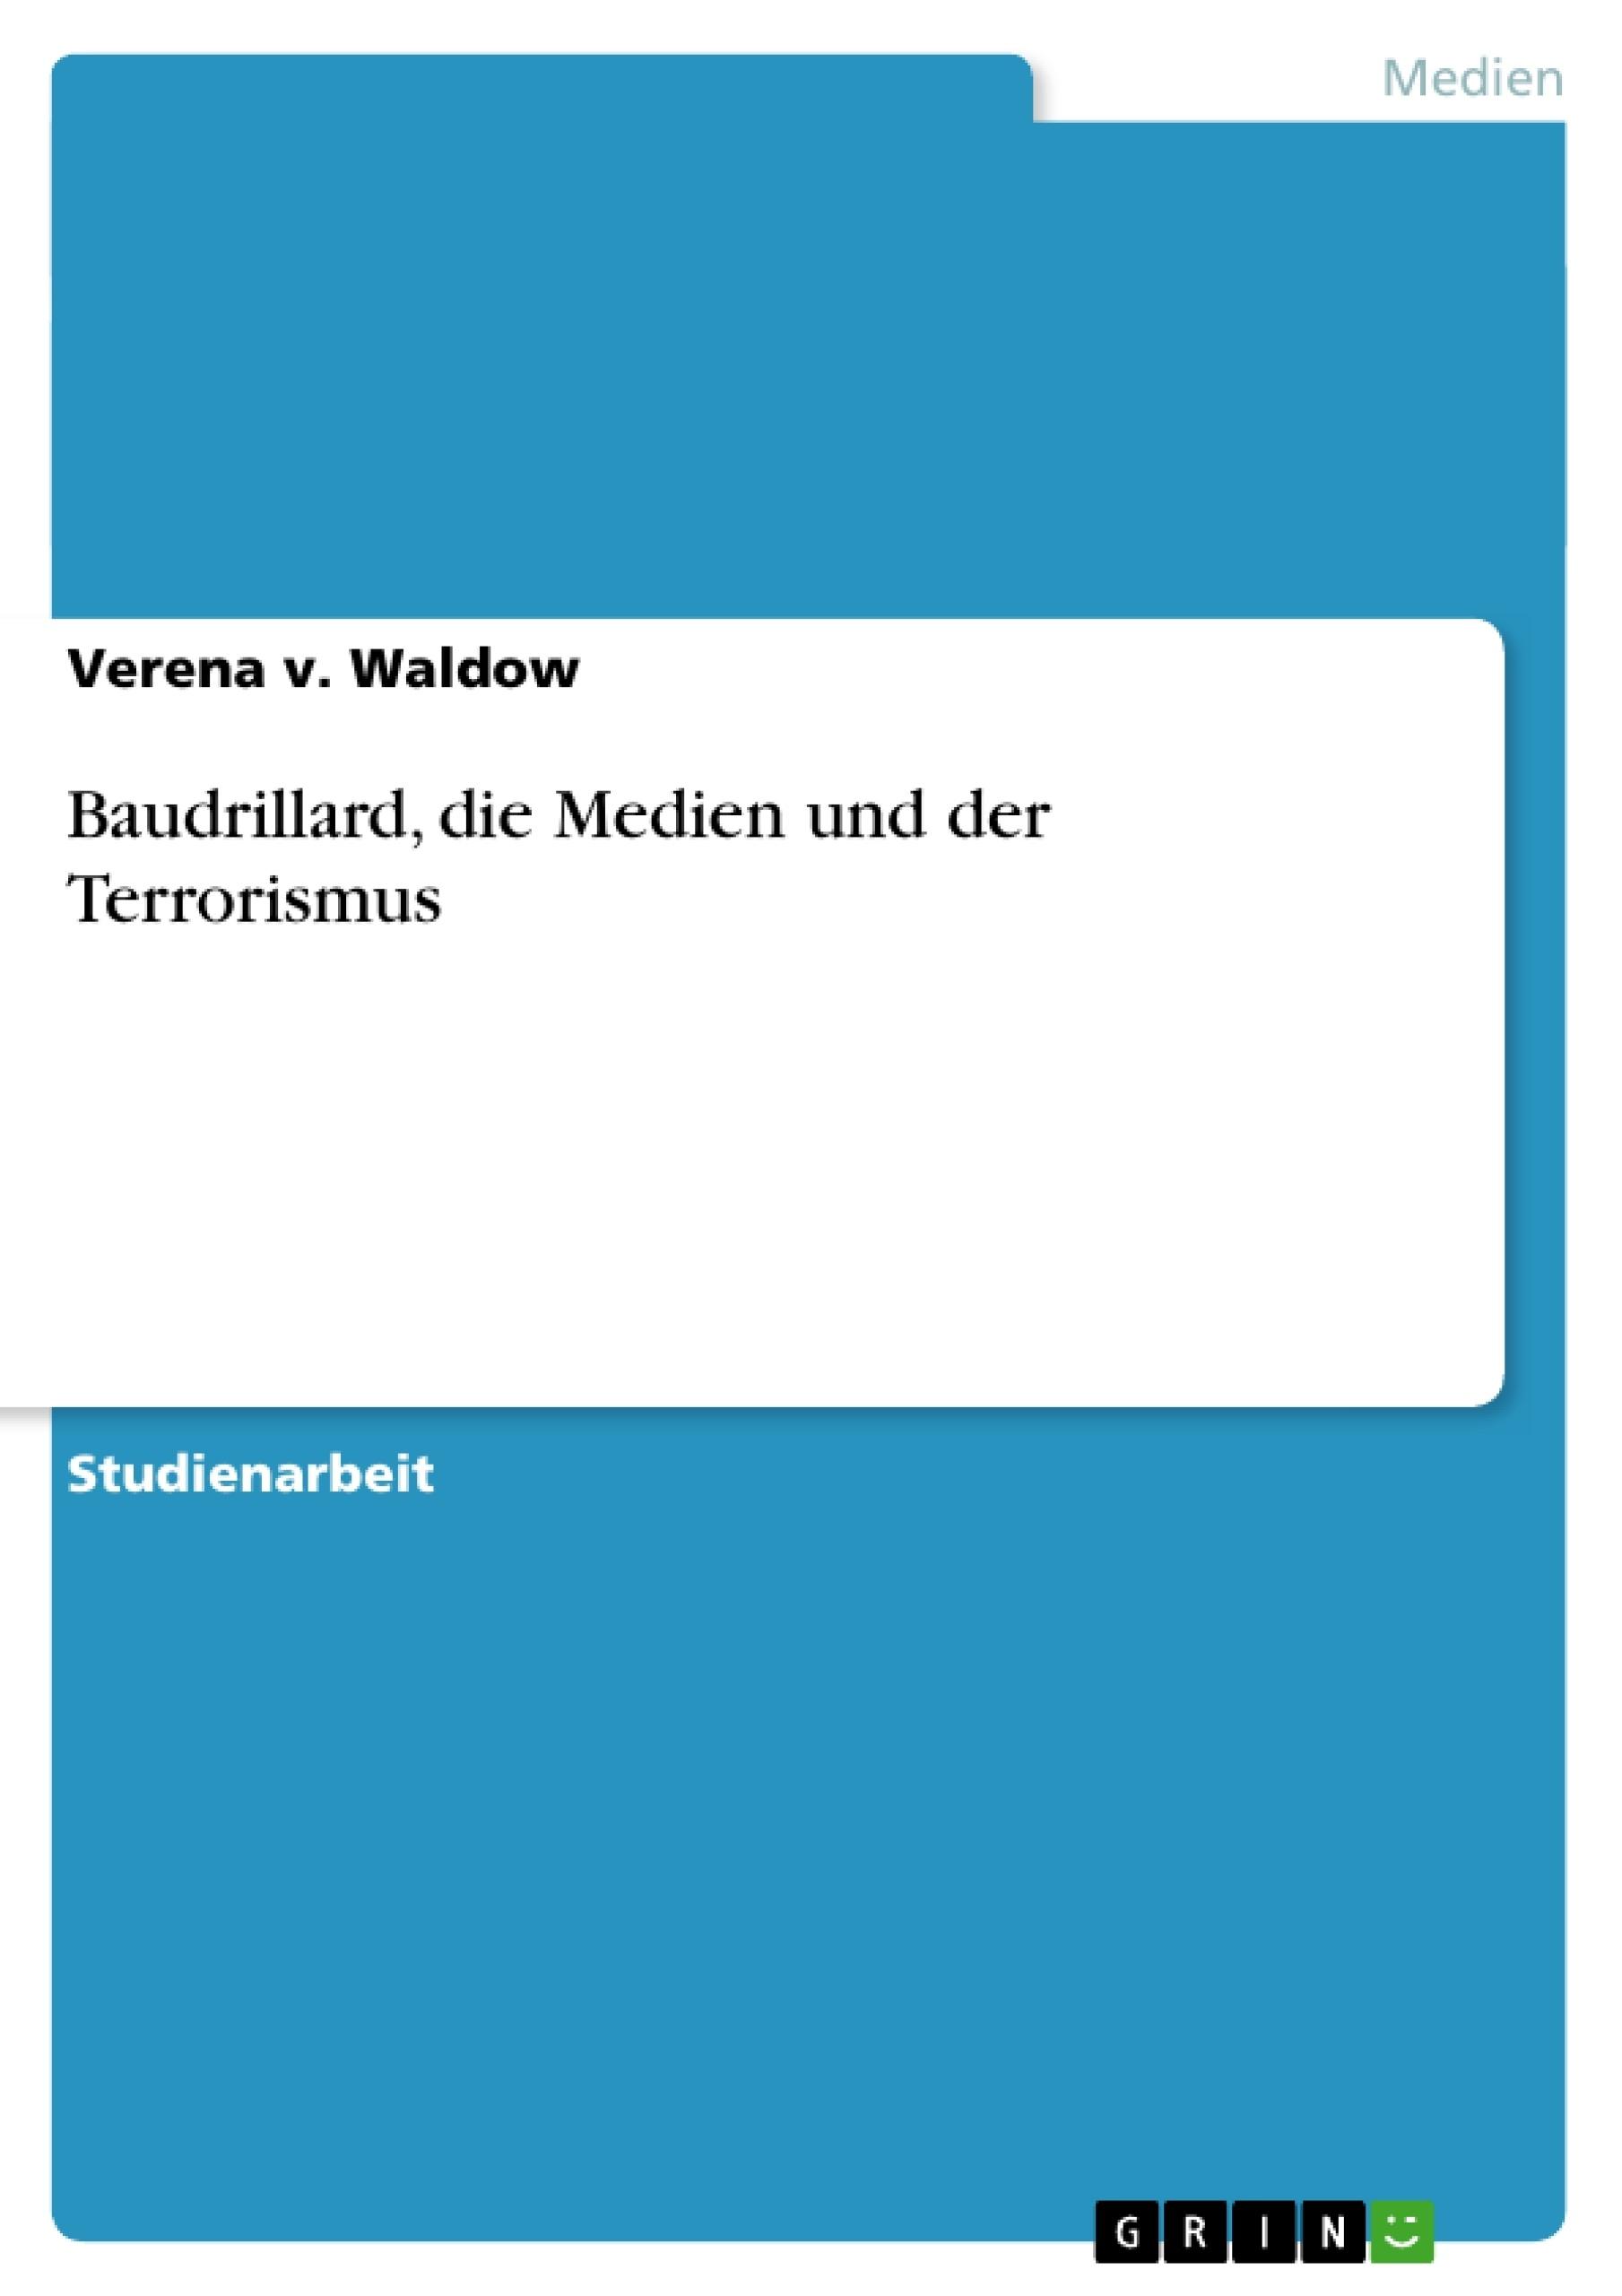 Titel: Baudrillard, die Medien und der Terrorismus